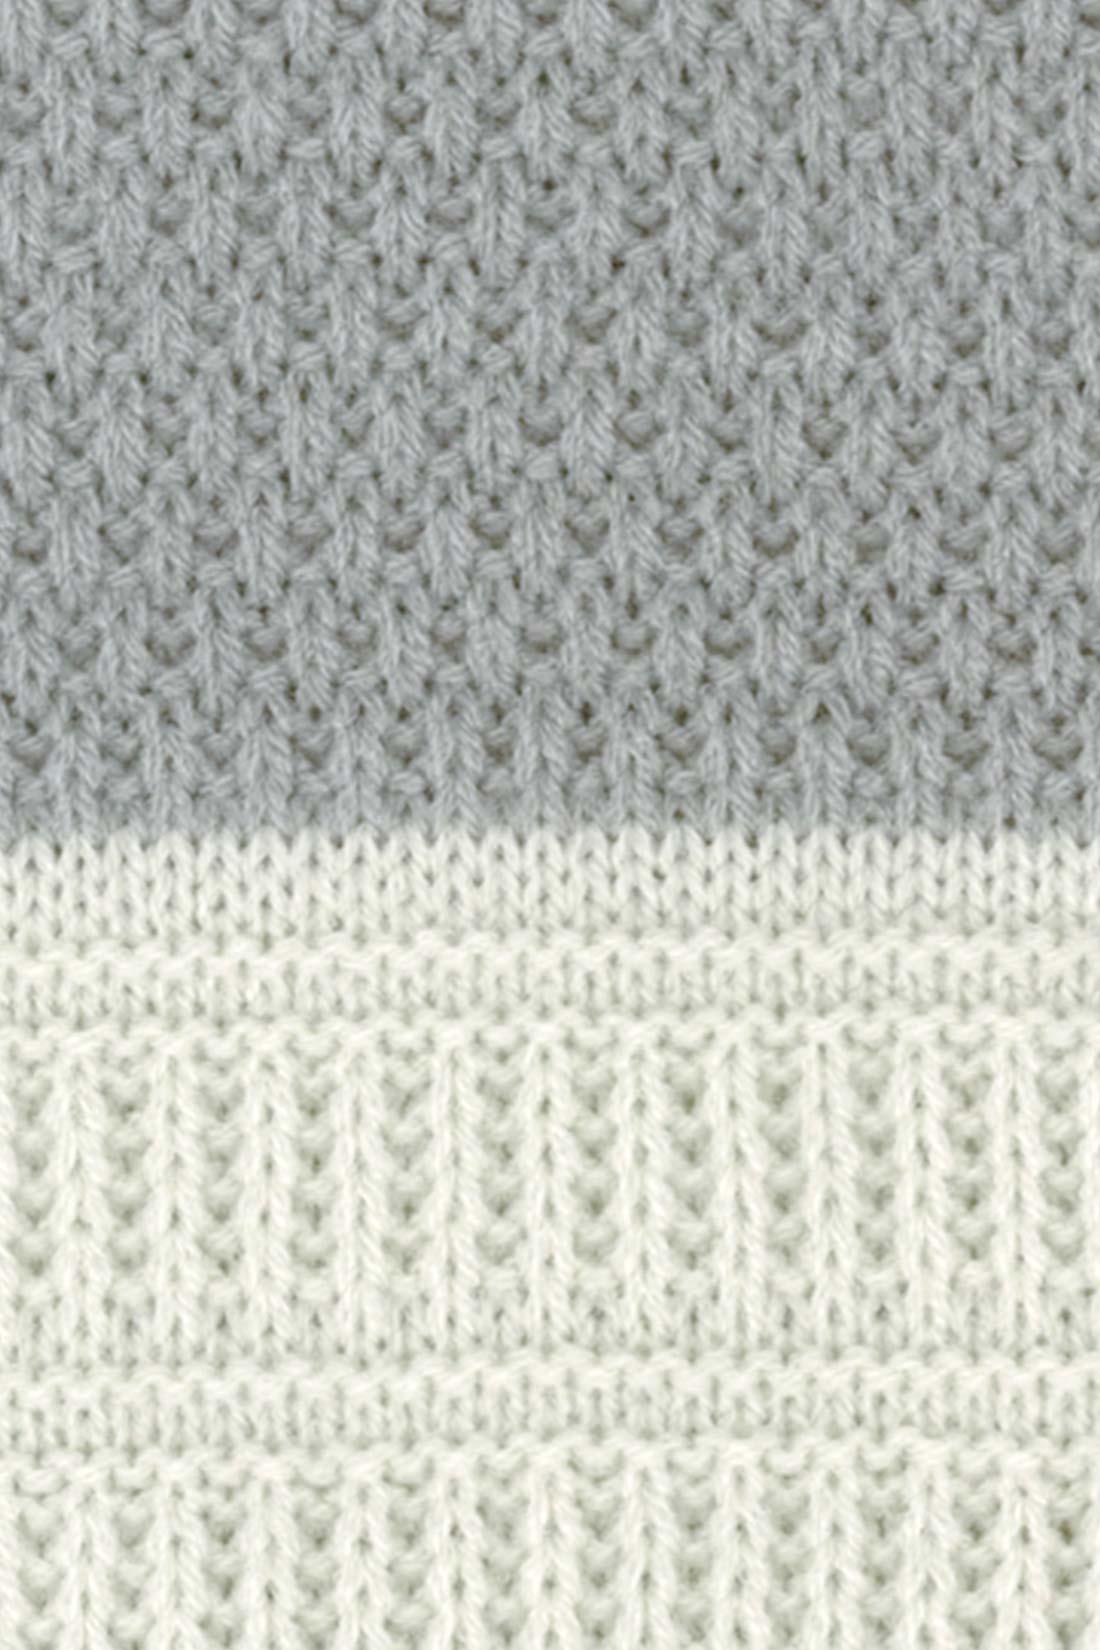 【色だけじゃなくて。】実は、編み模様もイロイロなんです。